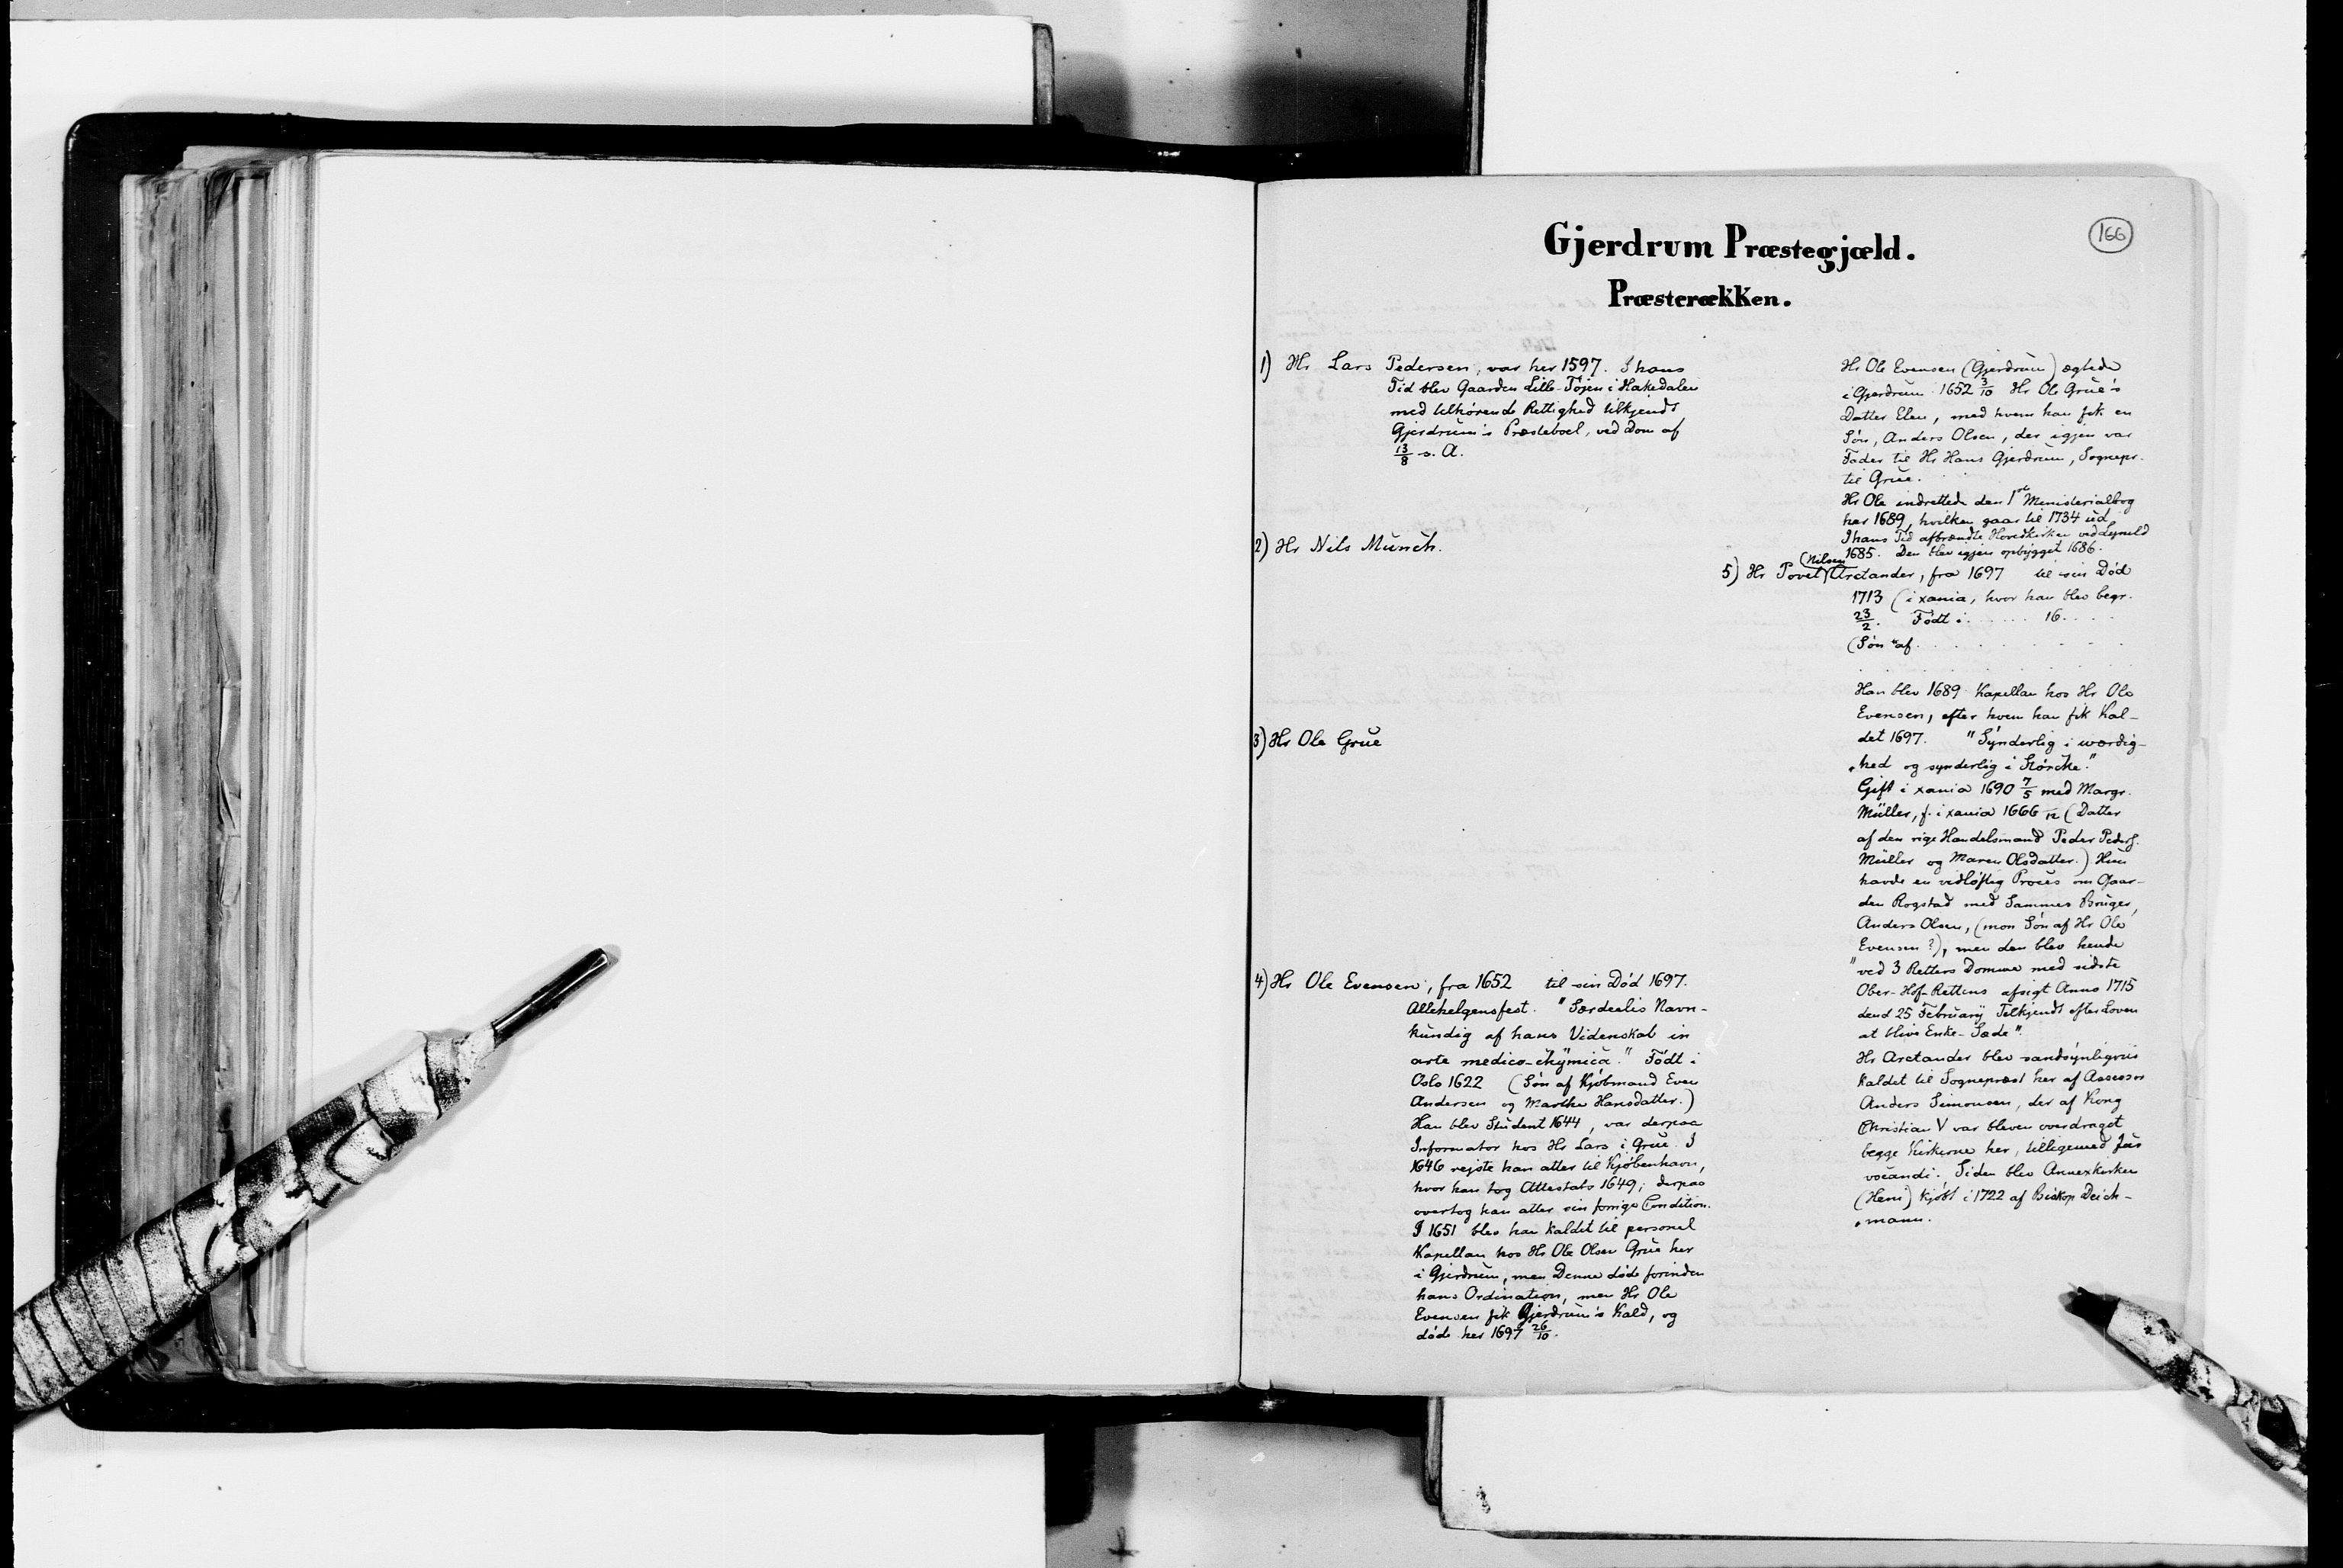 RA, Lassens samlinger, F/Fc, s. 166